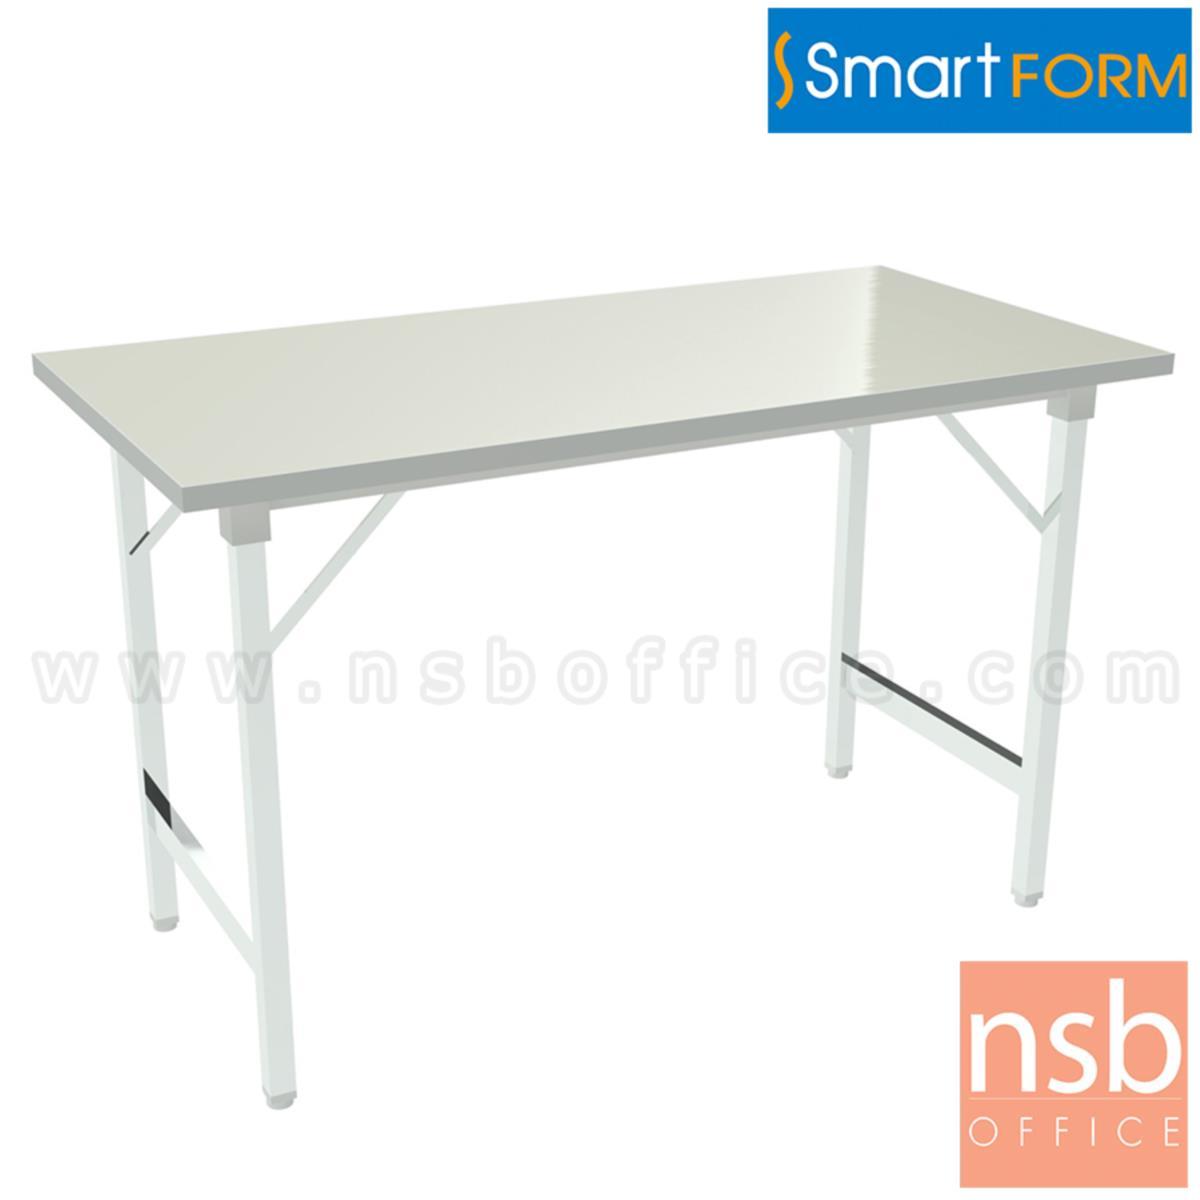 โต๊ะพับหน้าเหล็ก รุ่น Edison (เอดิสัน) ขนาด 120W, 180W (*60D) cm. ขาเหล็กชุบโครเมี่ยม